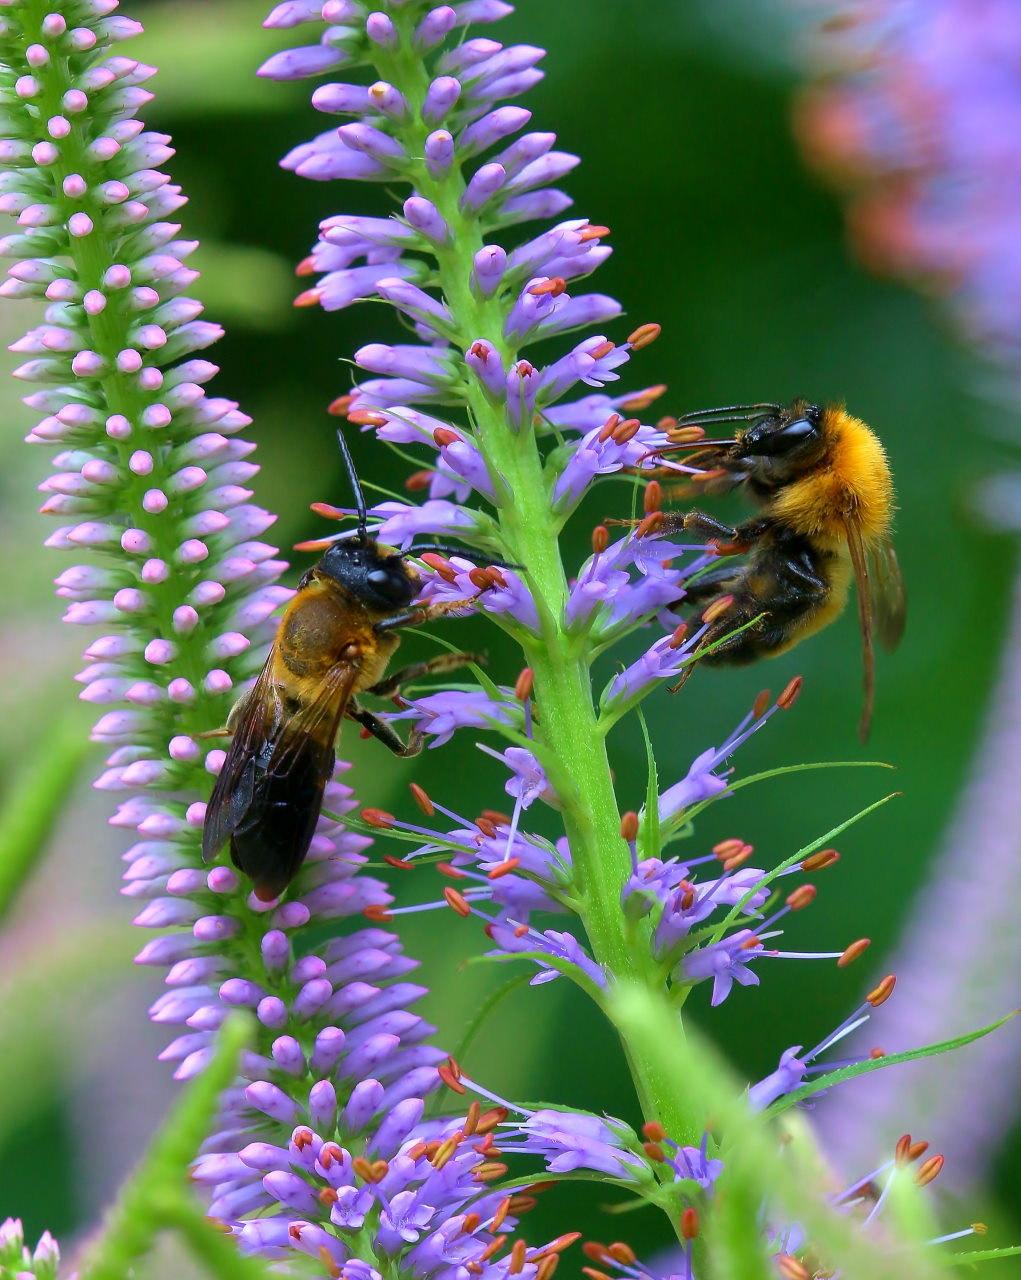 梅雨さ中 またまたレイクガーデンで花や虫_c0305565_17585309.jpg